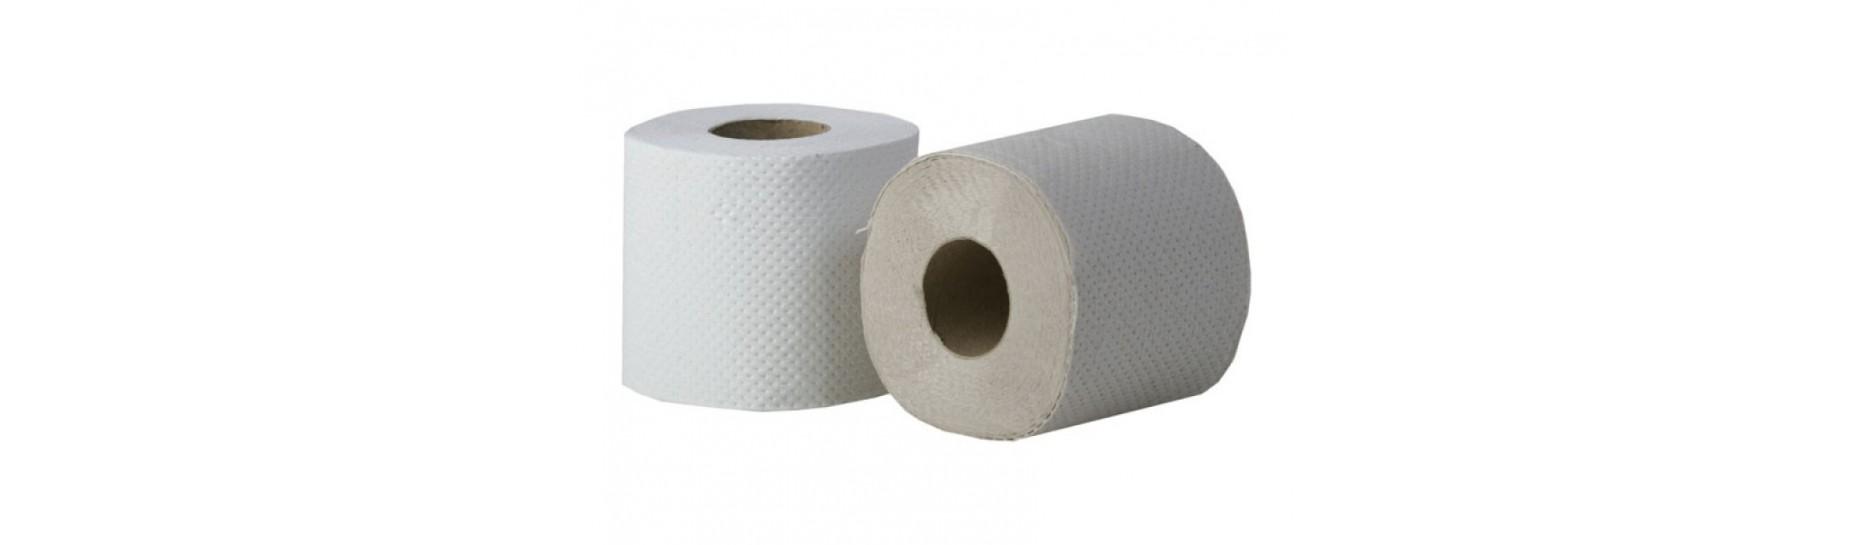 Toaletní papír klasický